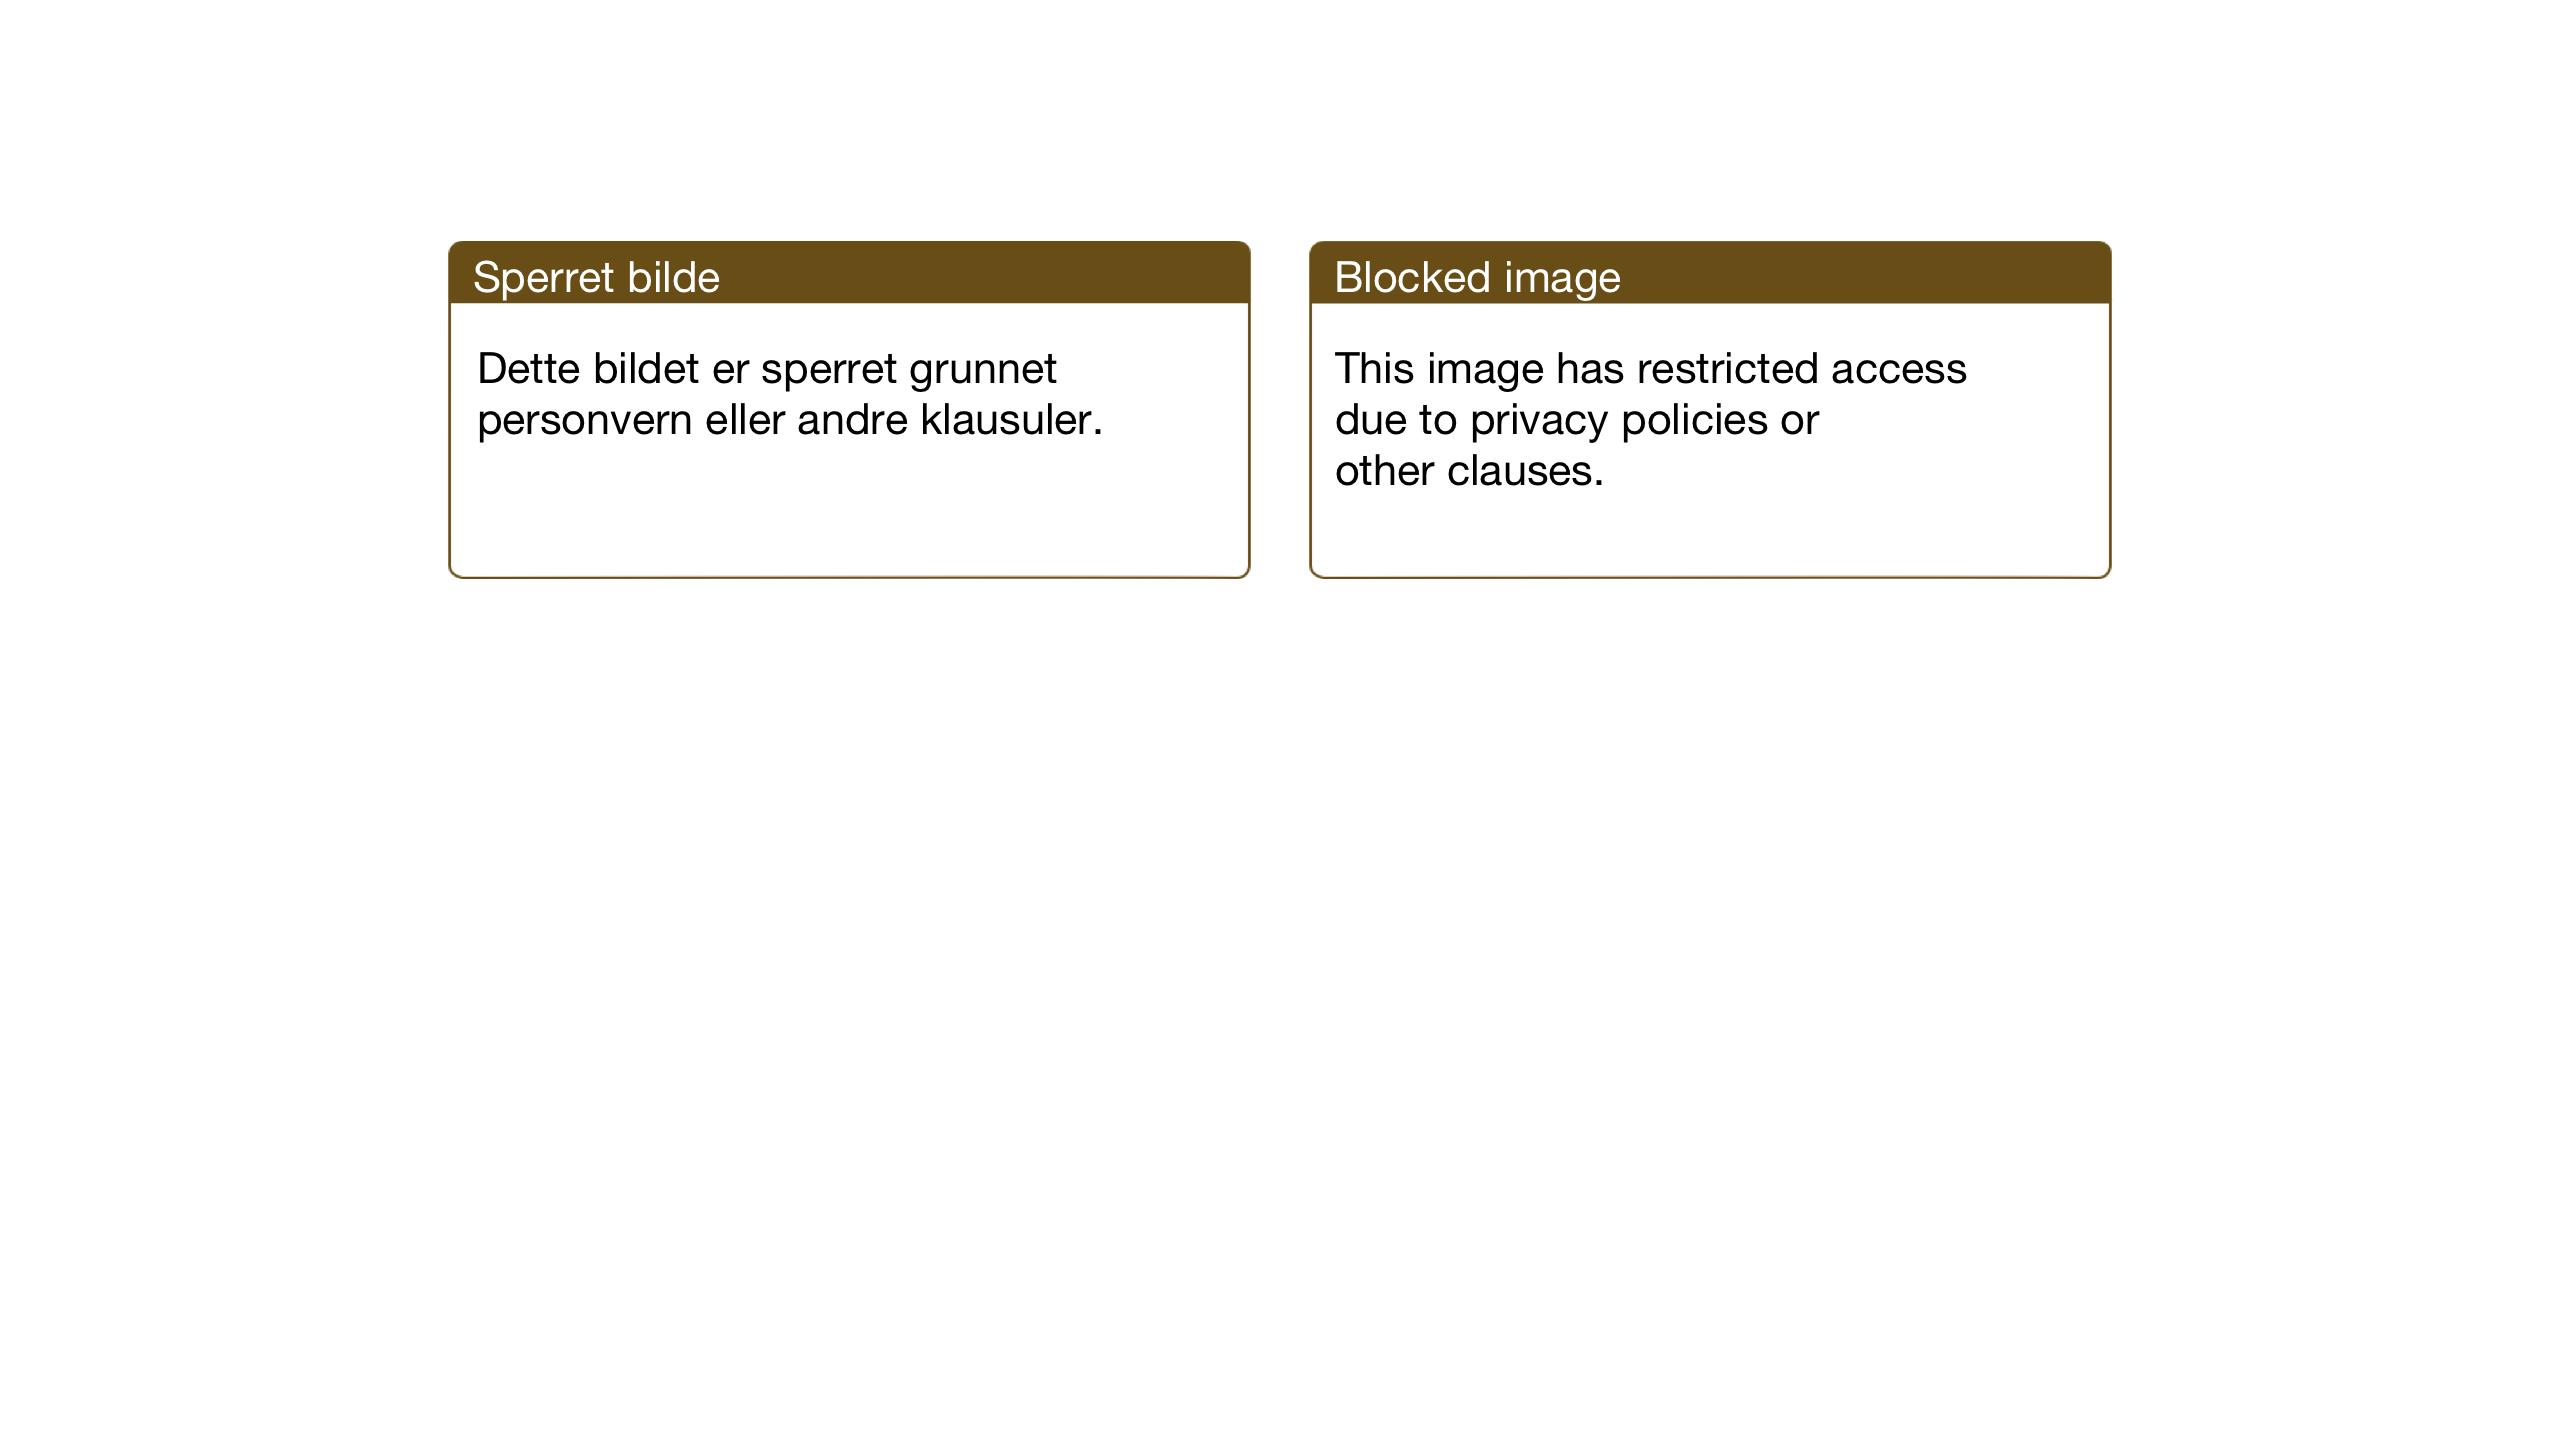 SAT, Ministerialprotokoller, klokkerbøker og fødselsregistre - Nord-Trøndelag, 770/L0591: Klokkerbok nr. 770C02, 1902-1940, s. 81